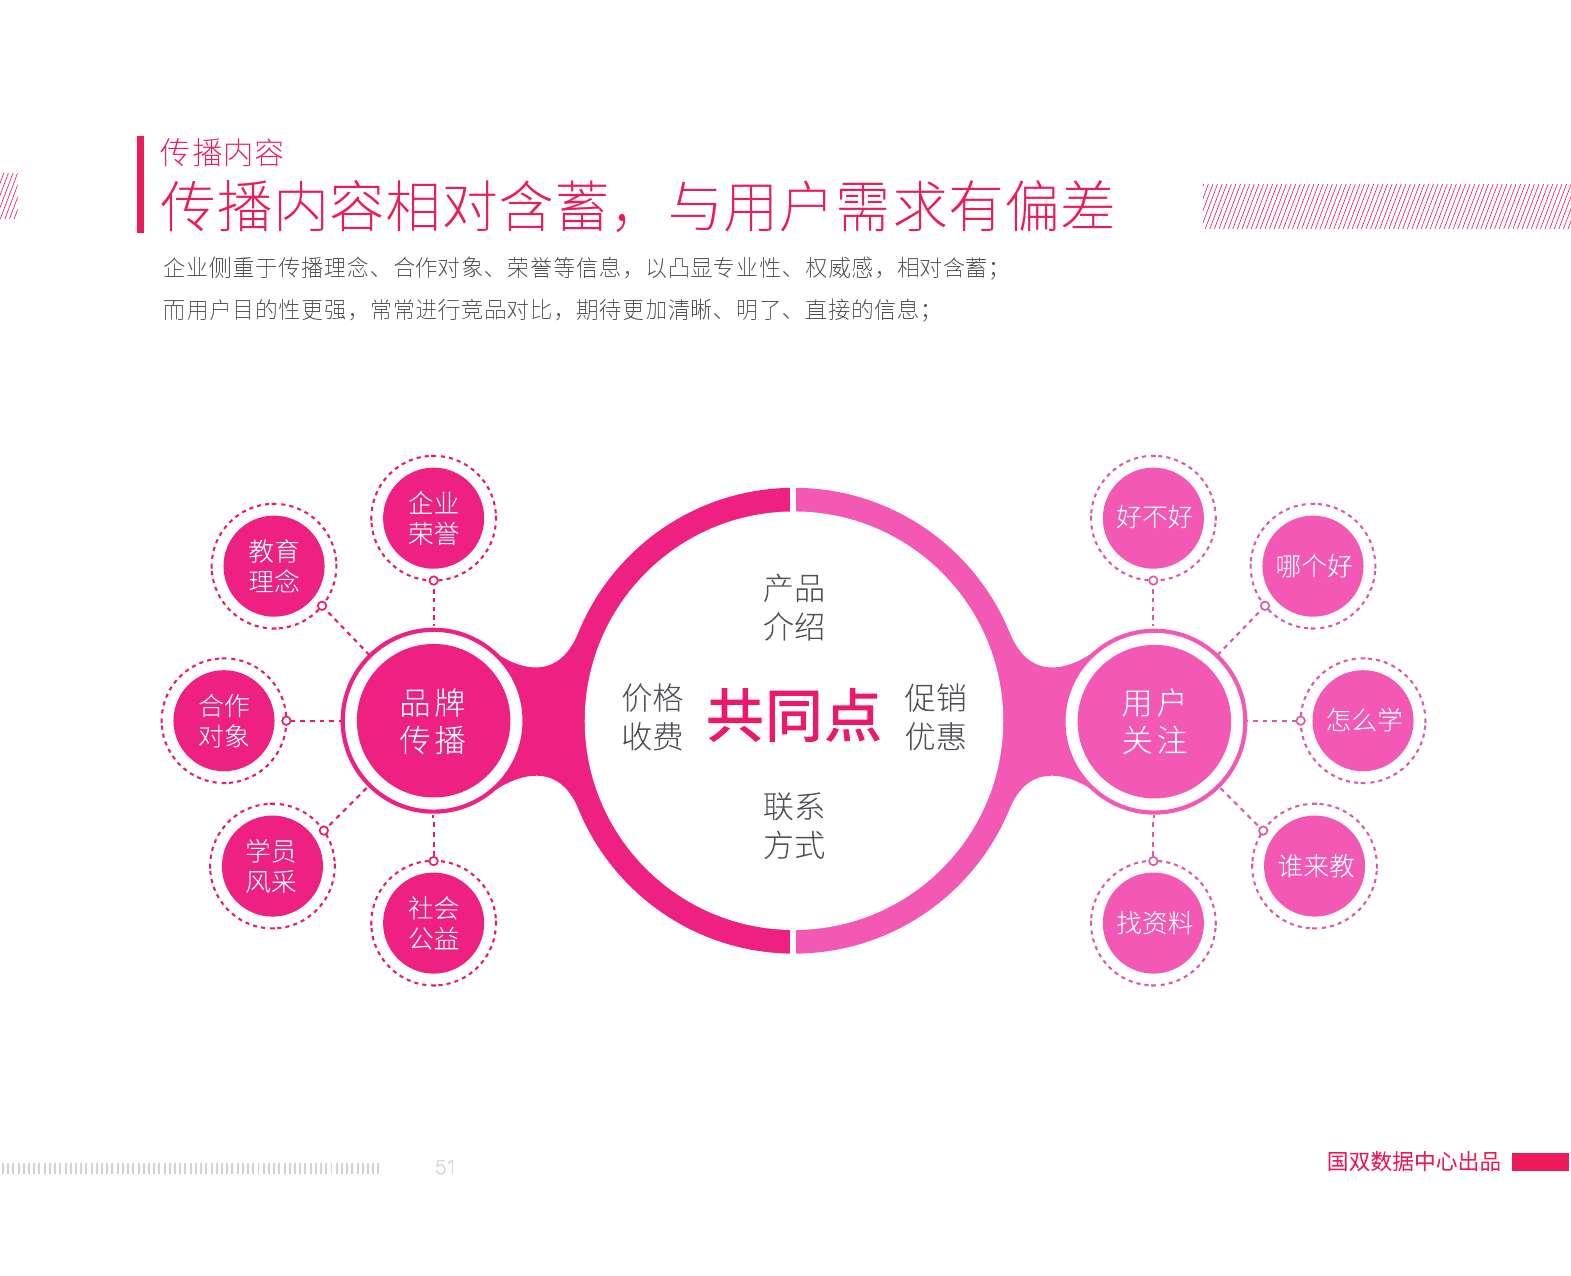 2015中国互联网发展报告_000053